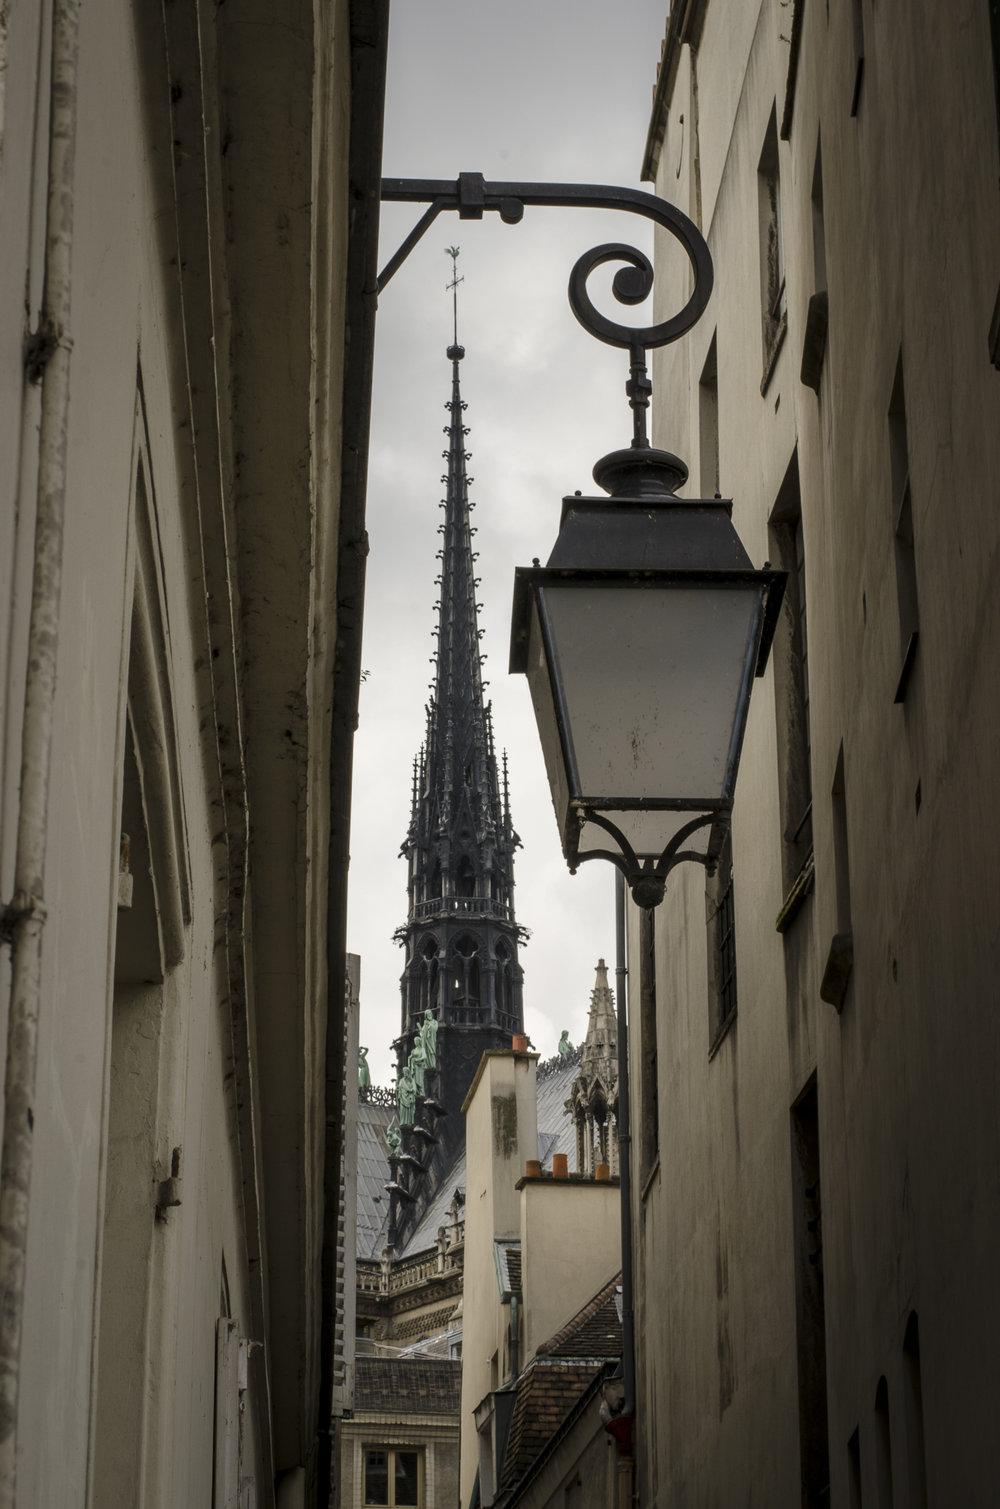 Rue des Chantres  PHOTOGRAPHY : ALEXANDER J.E. BRADLEY •Nikon D7000 • AF-S NIKKOR 50mm f/1.8G • F/16 • 1/60 •ISO 100